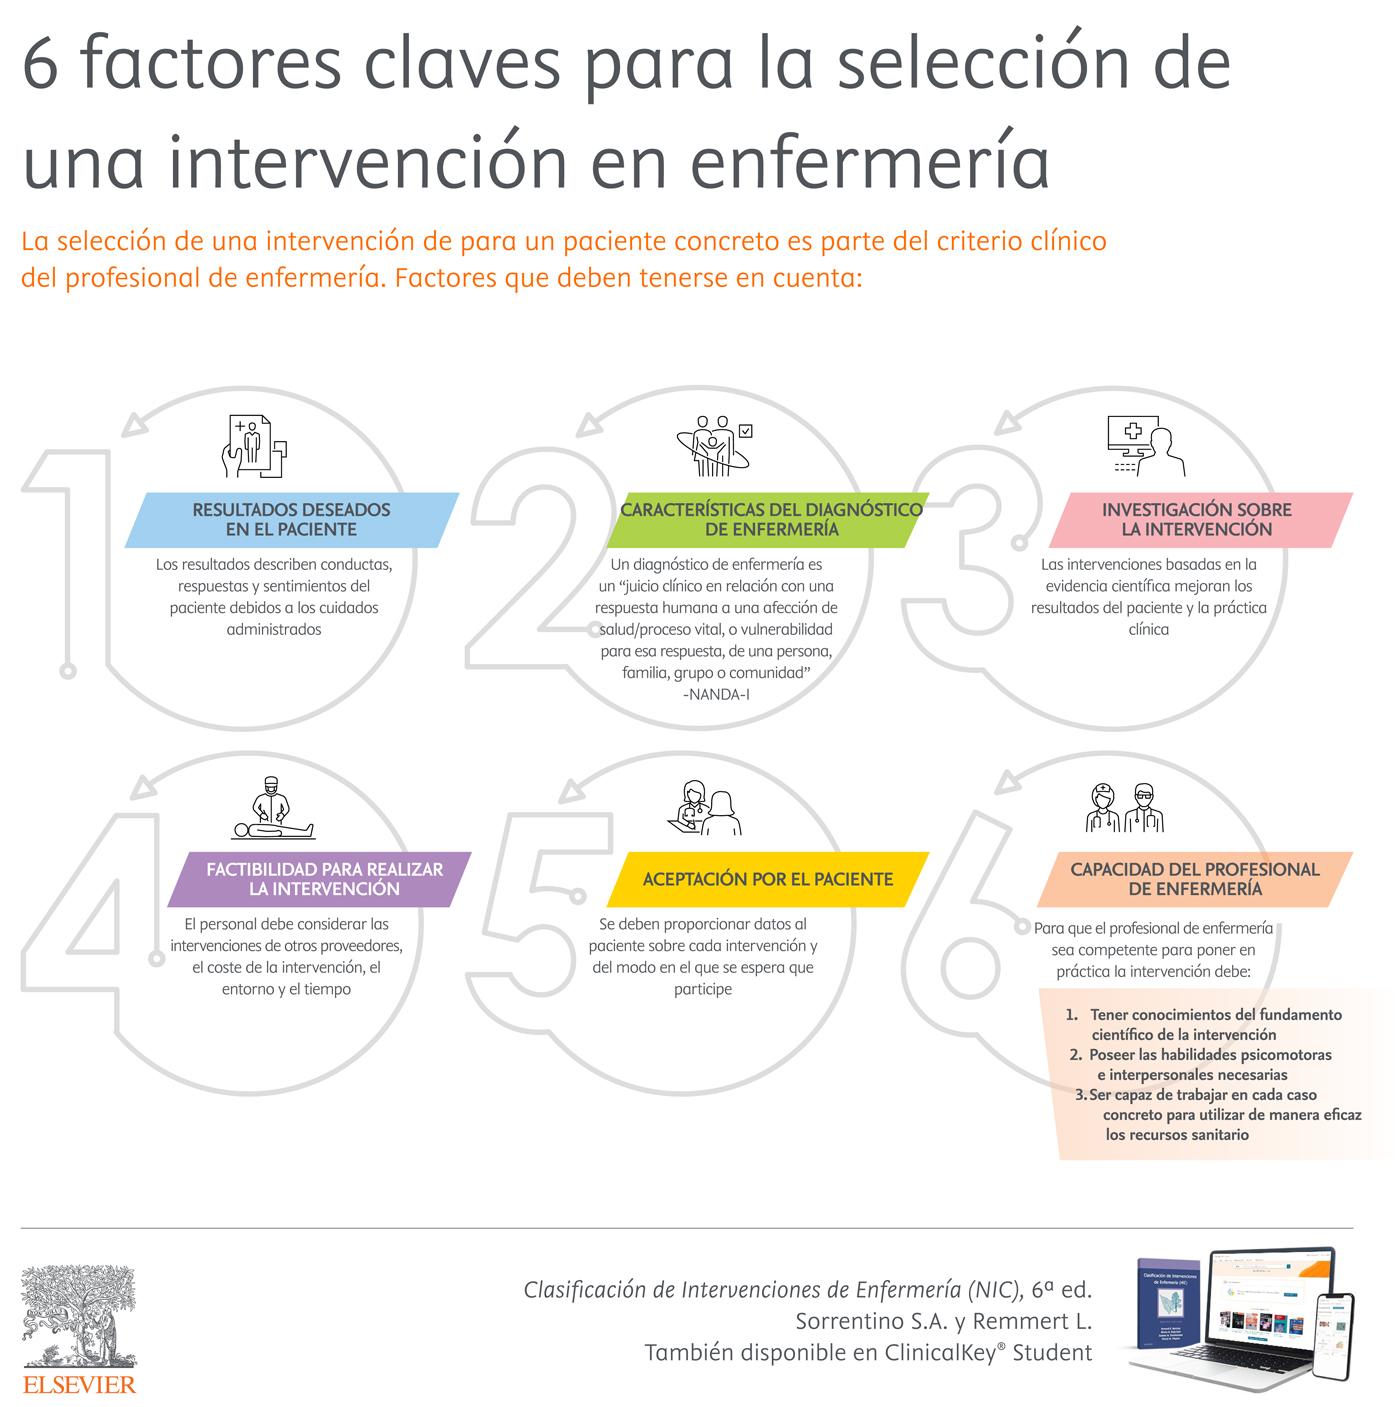 Uso de la NIC en la práctica clínica: 6 factores para la selección de una intervención